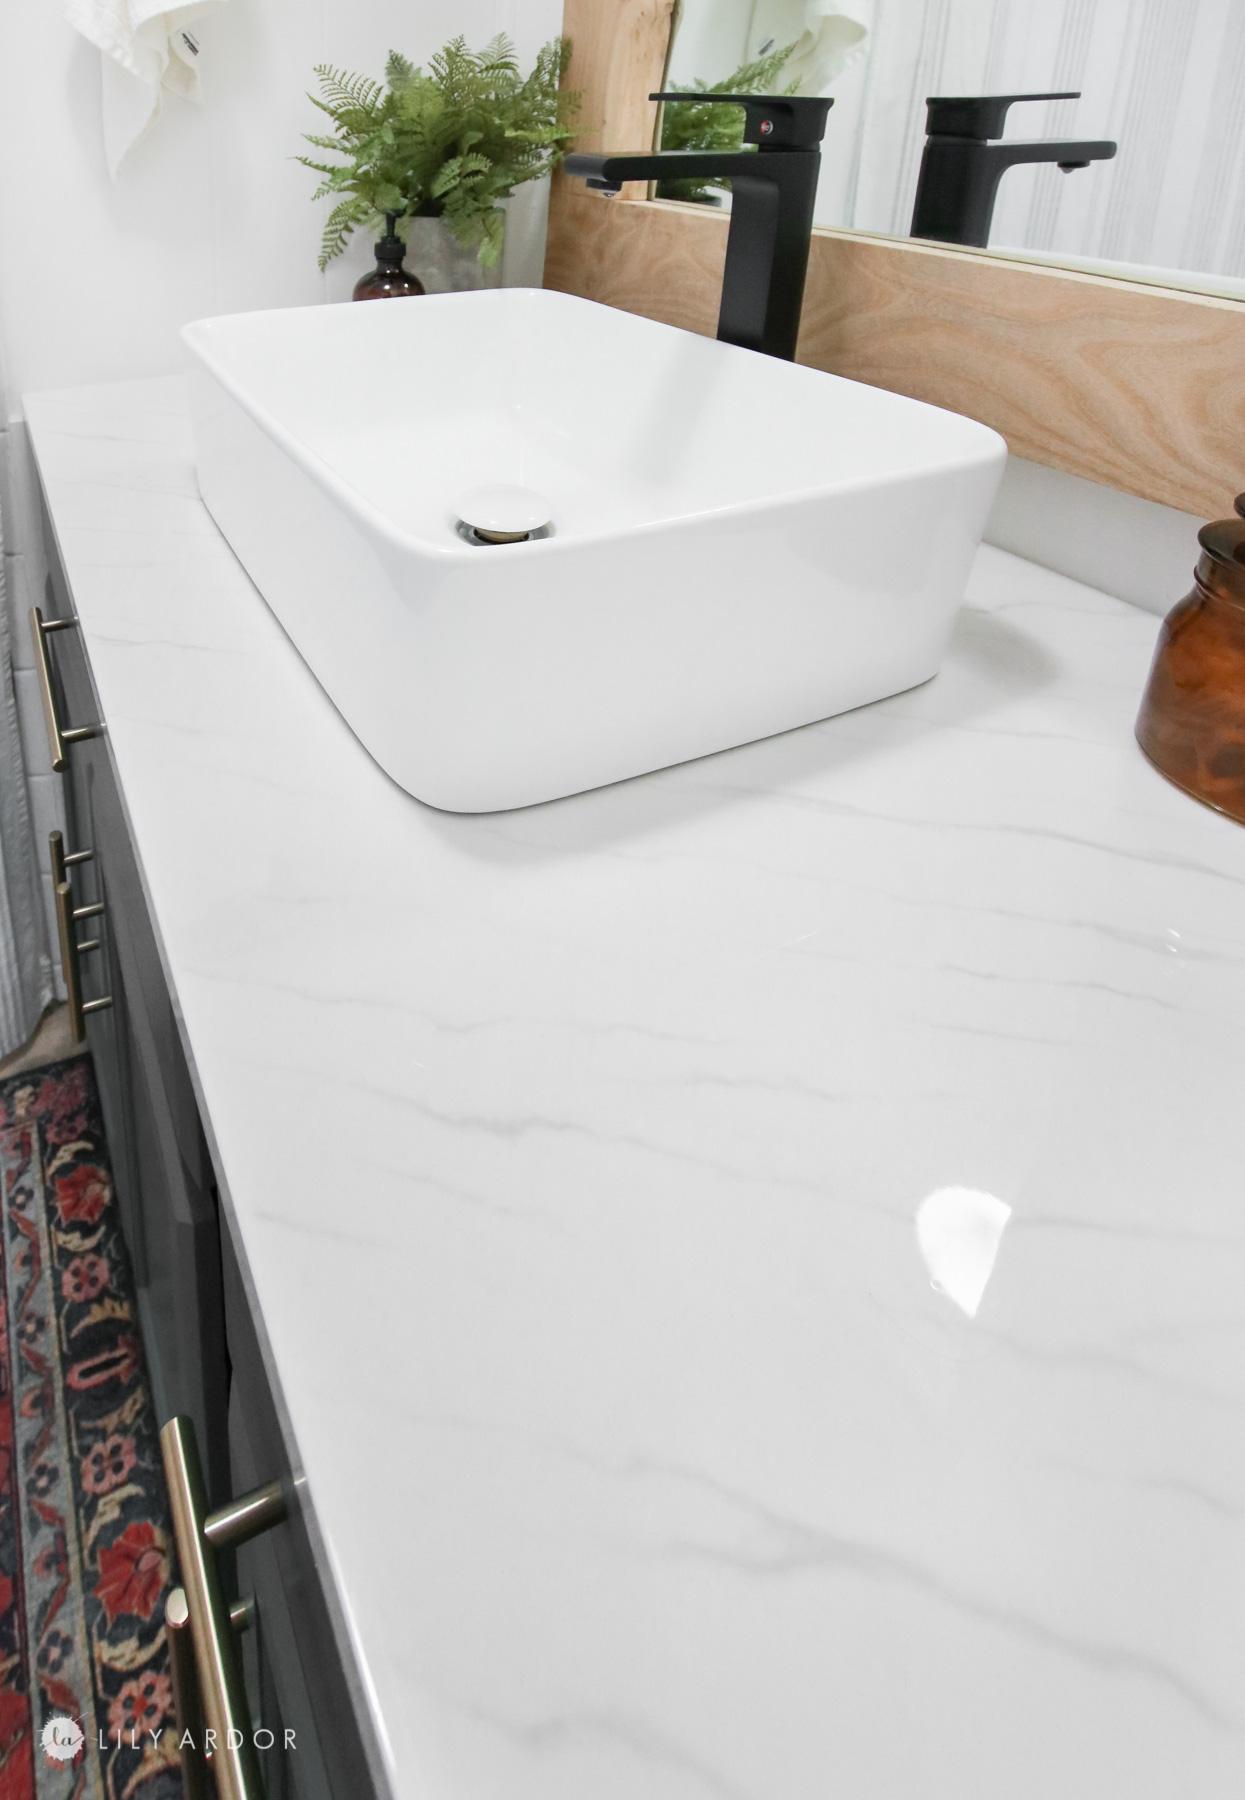 DIY resin countertop